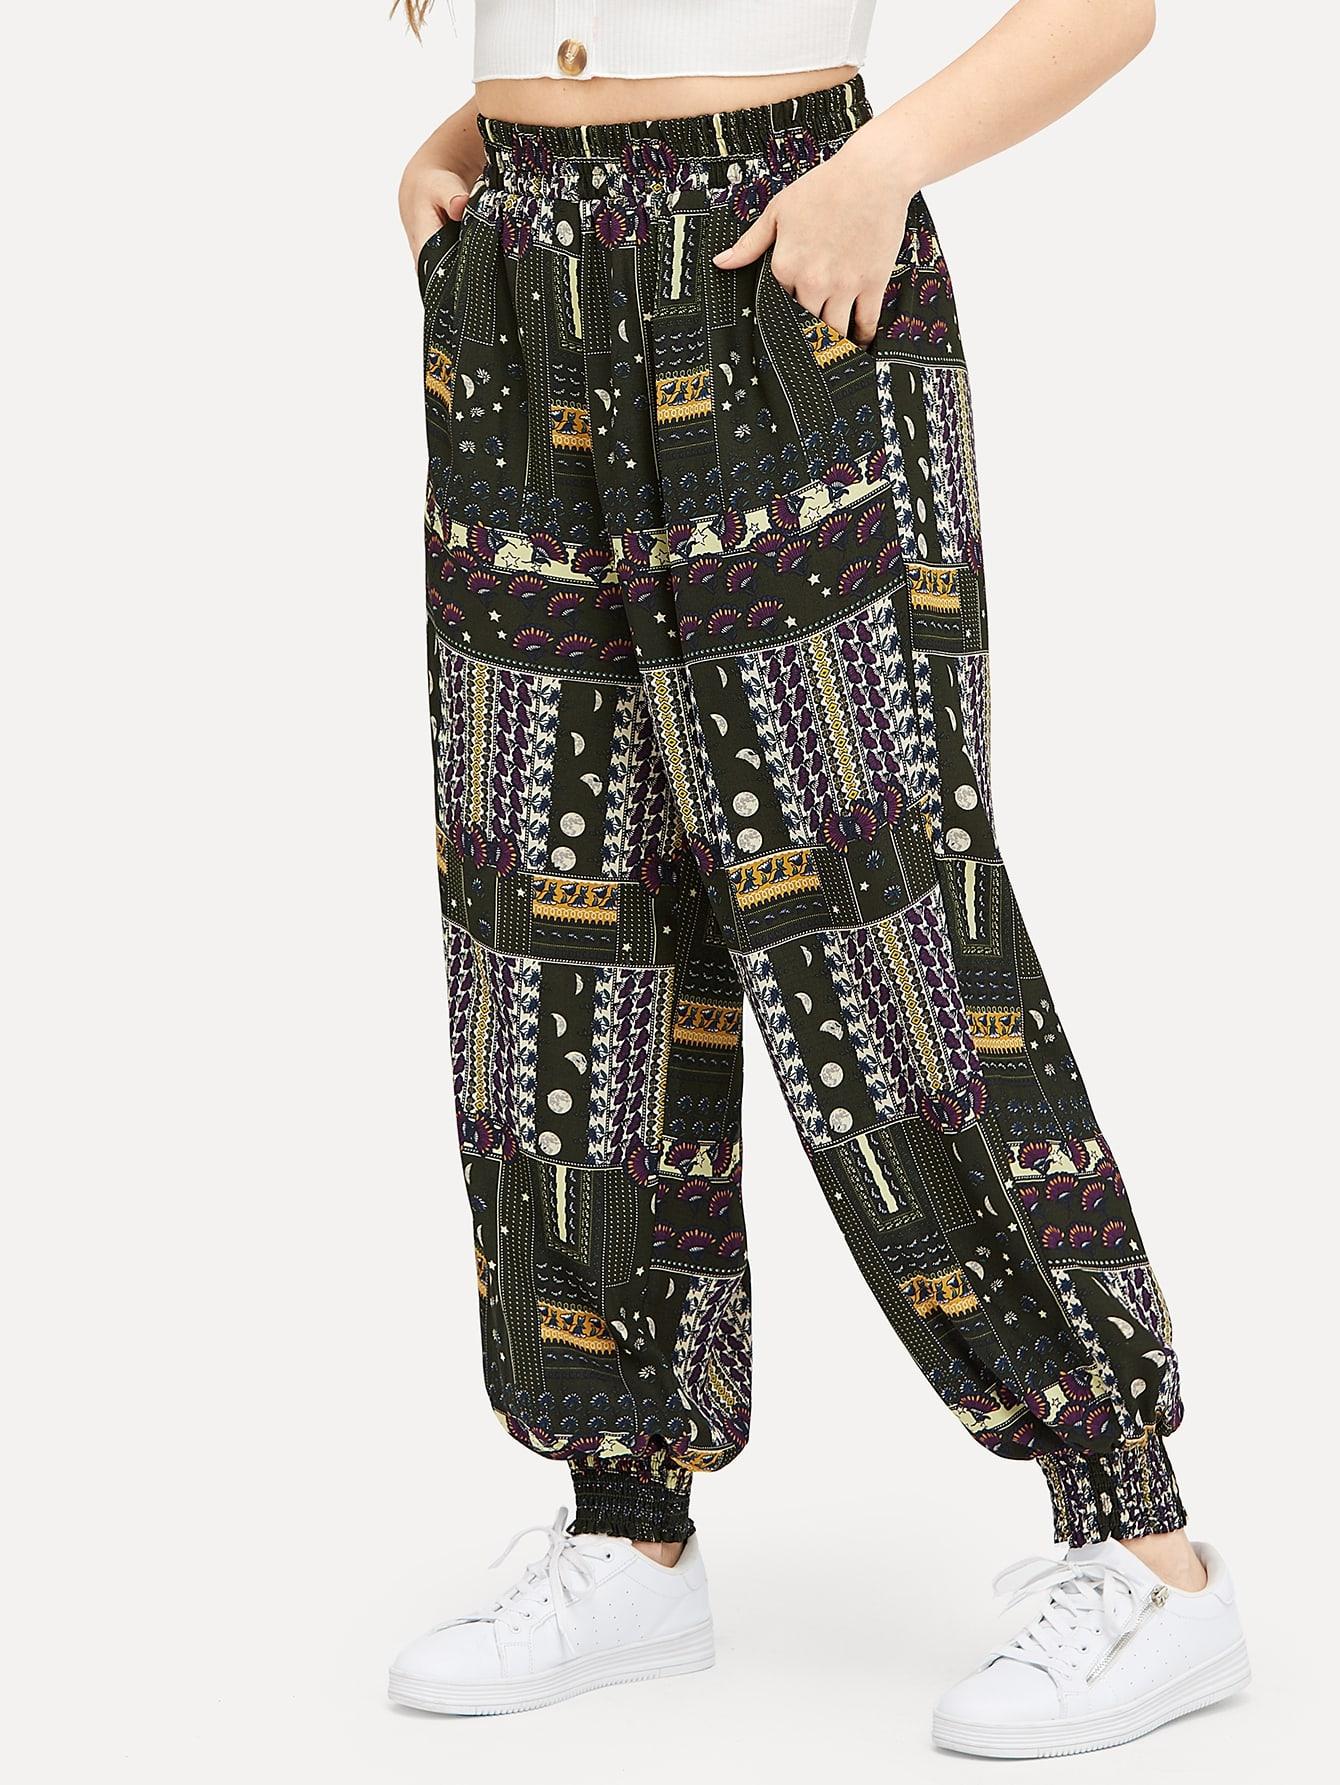 Купить Размер плюс брюки с графическим принтом и упругой талией, Isabela, SheIn